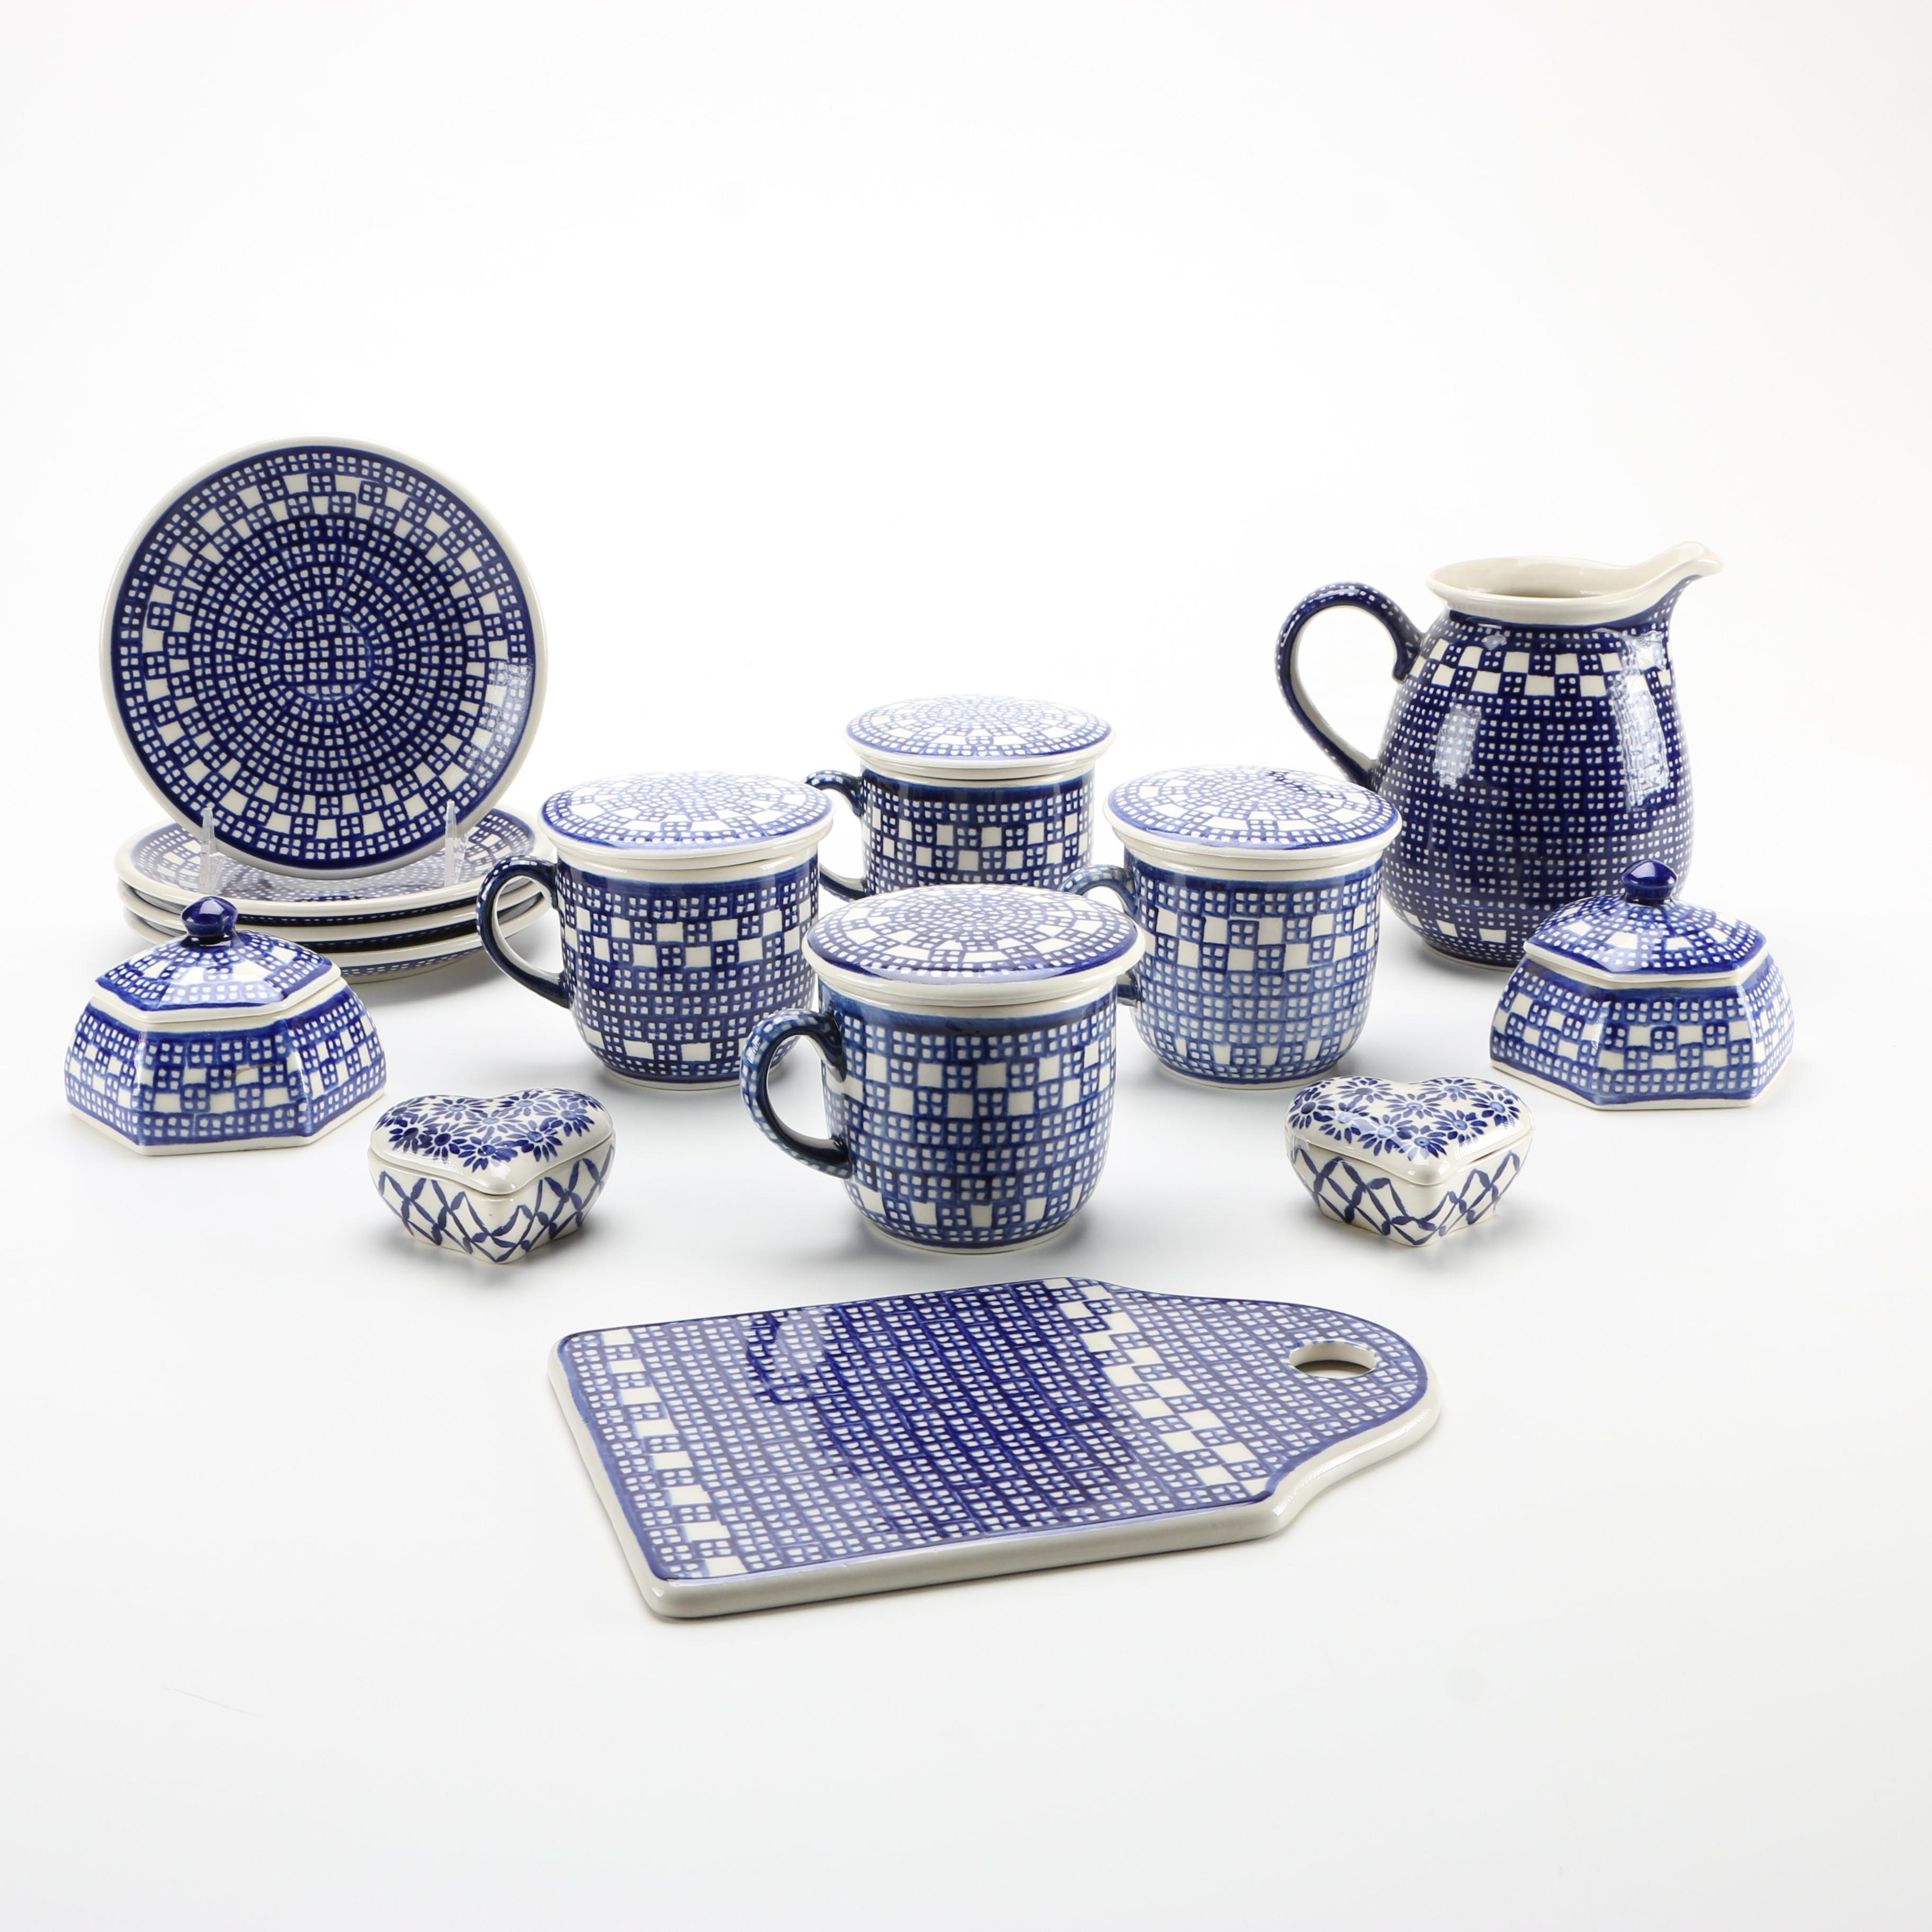 German Beise Pottery Tableware ... & German Beise Pottery Tableware : EBTH